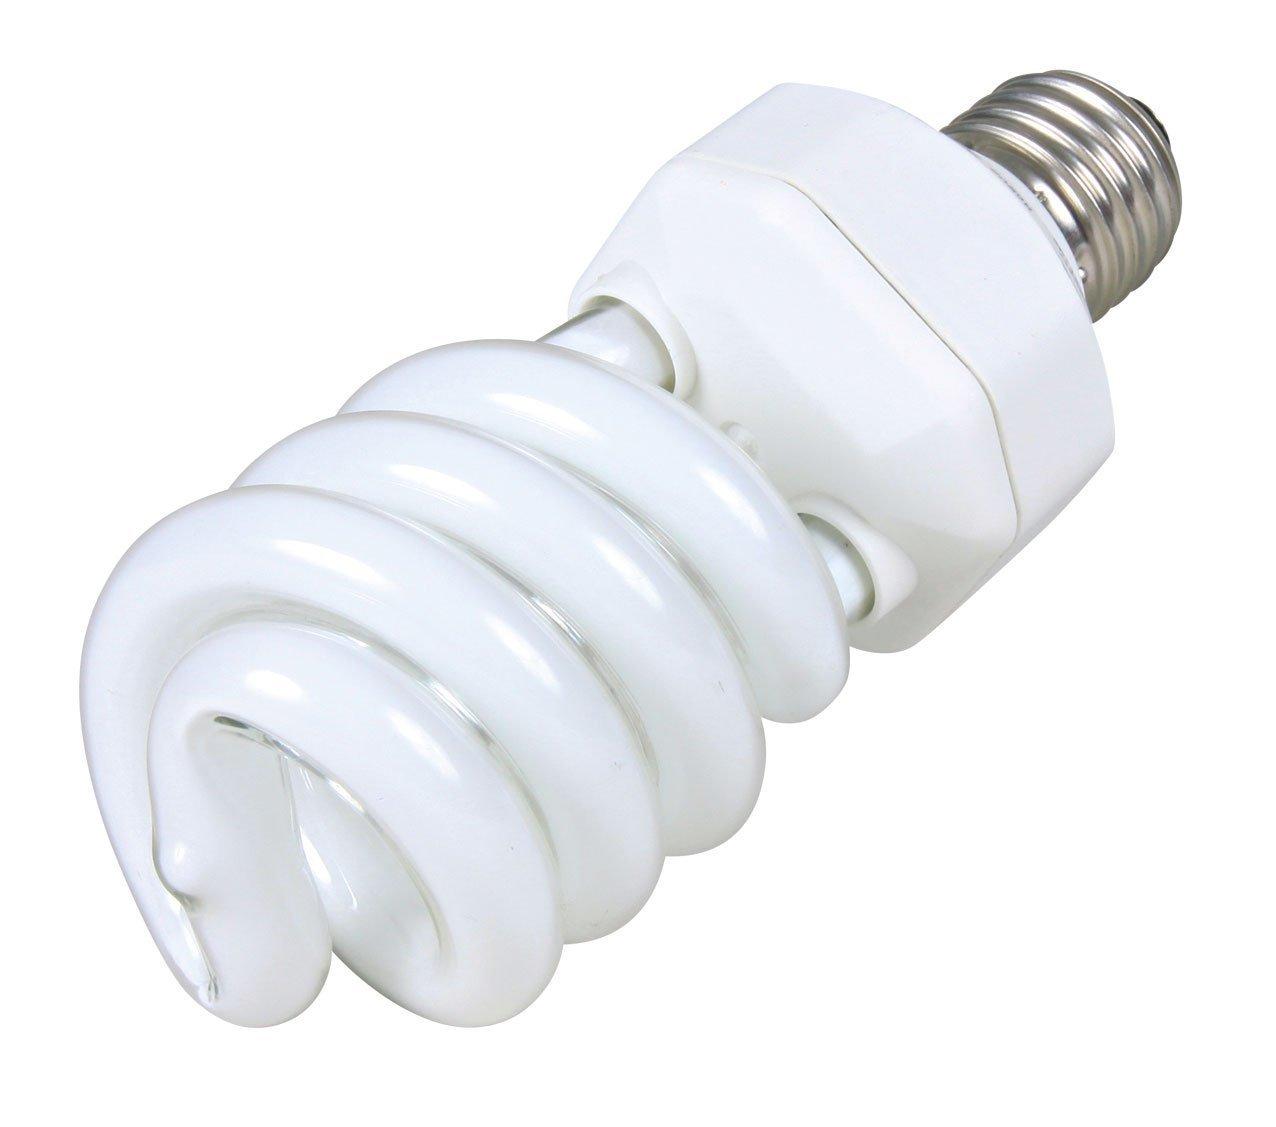 UV-Vollspektrum-Kompaktlampe für Ziervögel in Innenhaltung Trixie 55001